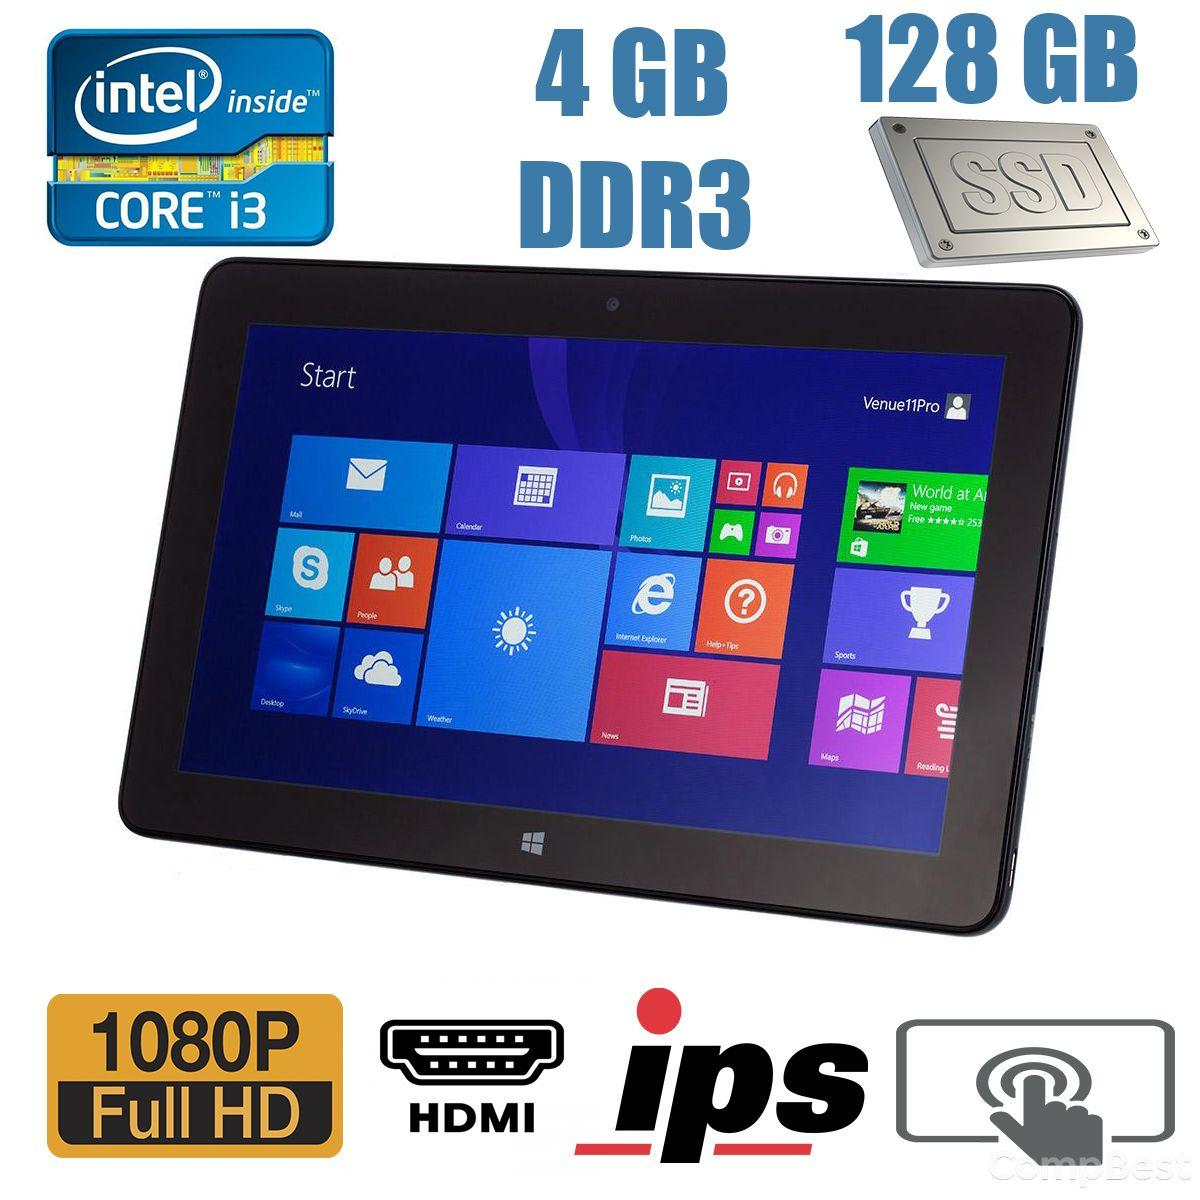 Планшет Dell Venue 11 Pro / 10.8', 1920x1080, IPS, Touch / Intel Core i3-4020Y (2 (4) ядра по 1.5GHz) / 4GB DDR3 / 128GB SSD M.2 / 8 Mpix + 2 Mpix cam